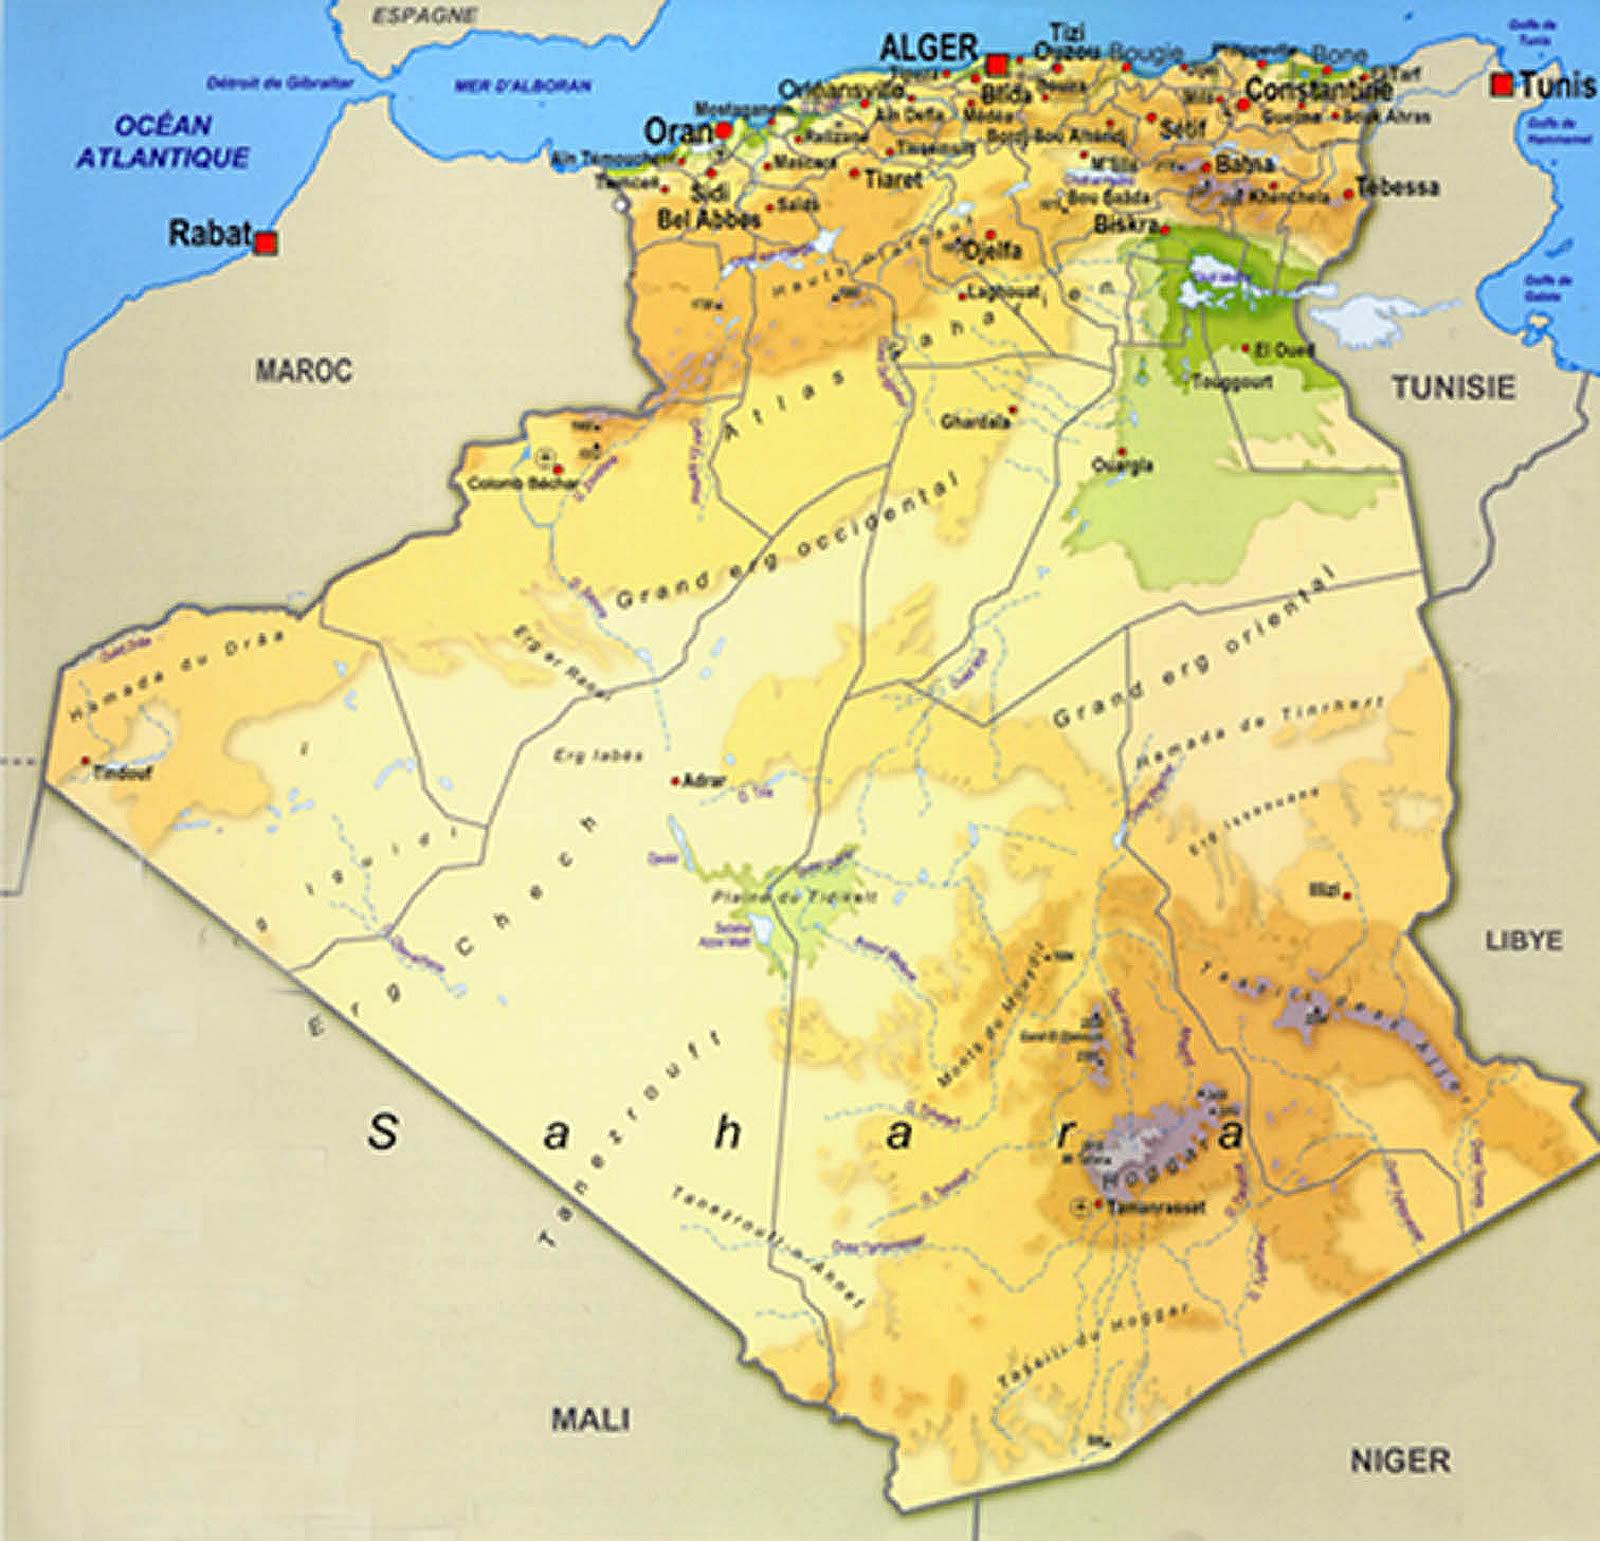 carte de l algerie detaillé grand format Cartes Algérie, plans et maps des villes Algériennes, itinéraires